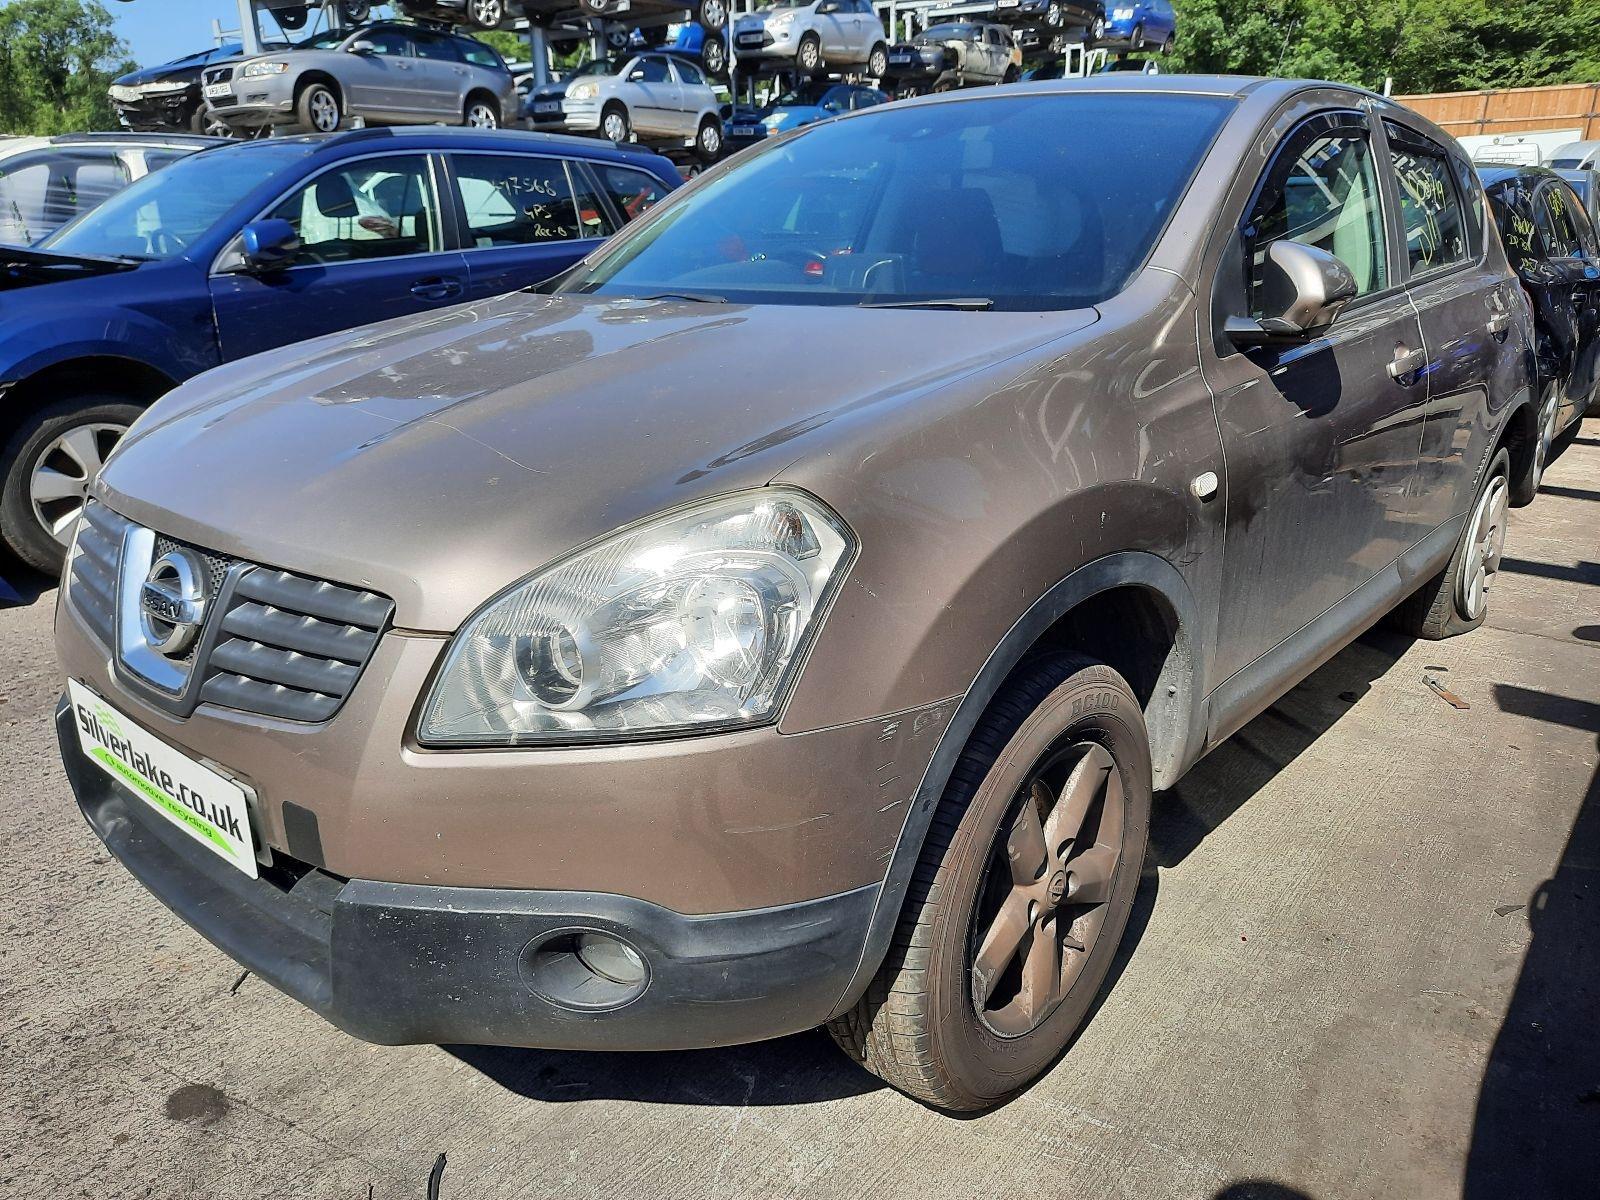 Nissan Qashqai 2007 To 2010 Acenta 5 Door Hatchback